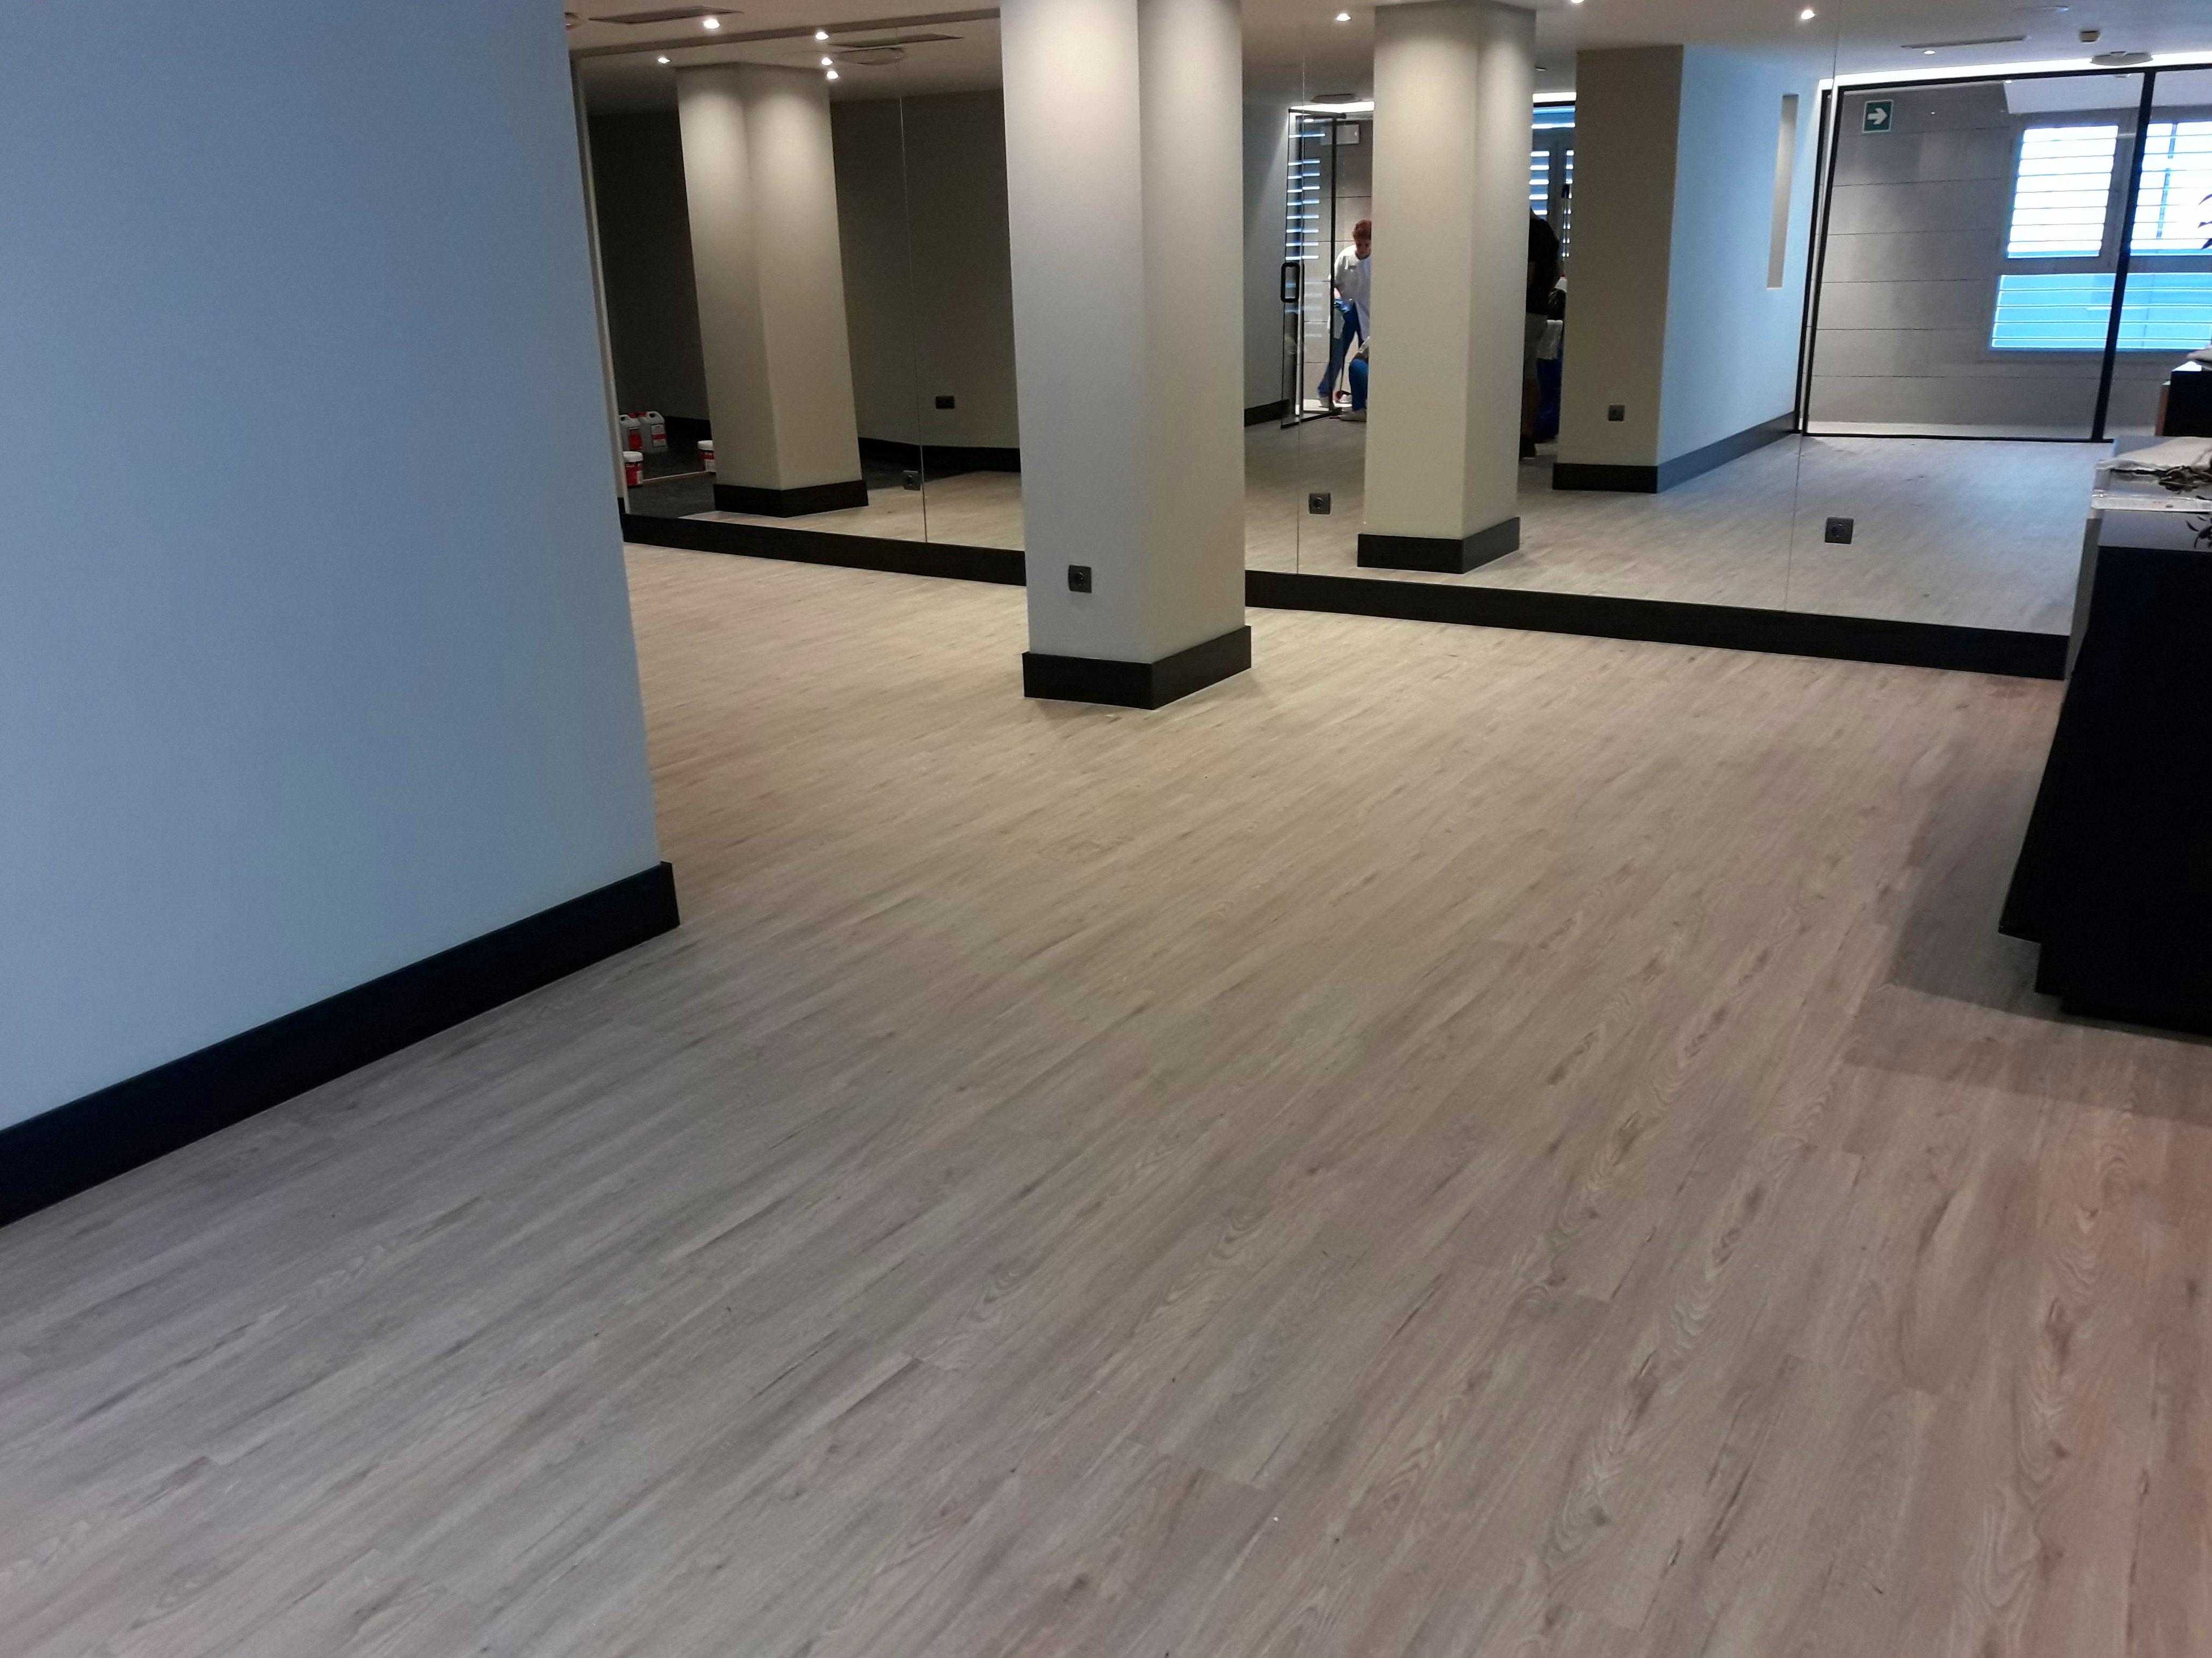 Instalación de Suelo de PVC y Pavimento de caucho de fitness y nivelado de solera con pasta niveladora en Málaga. instaladordetarima.com - Instalador de pavimentos, tarimas y Suelos laminados.